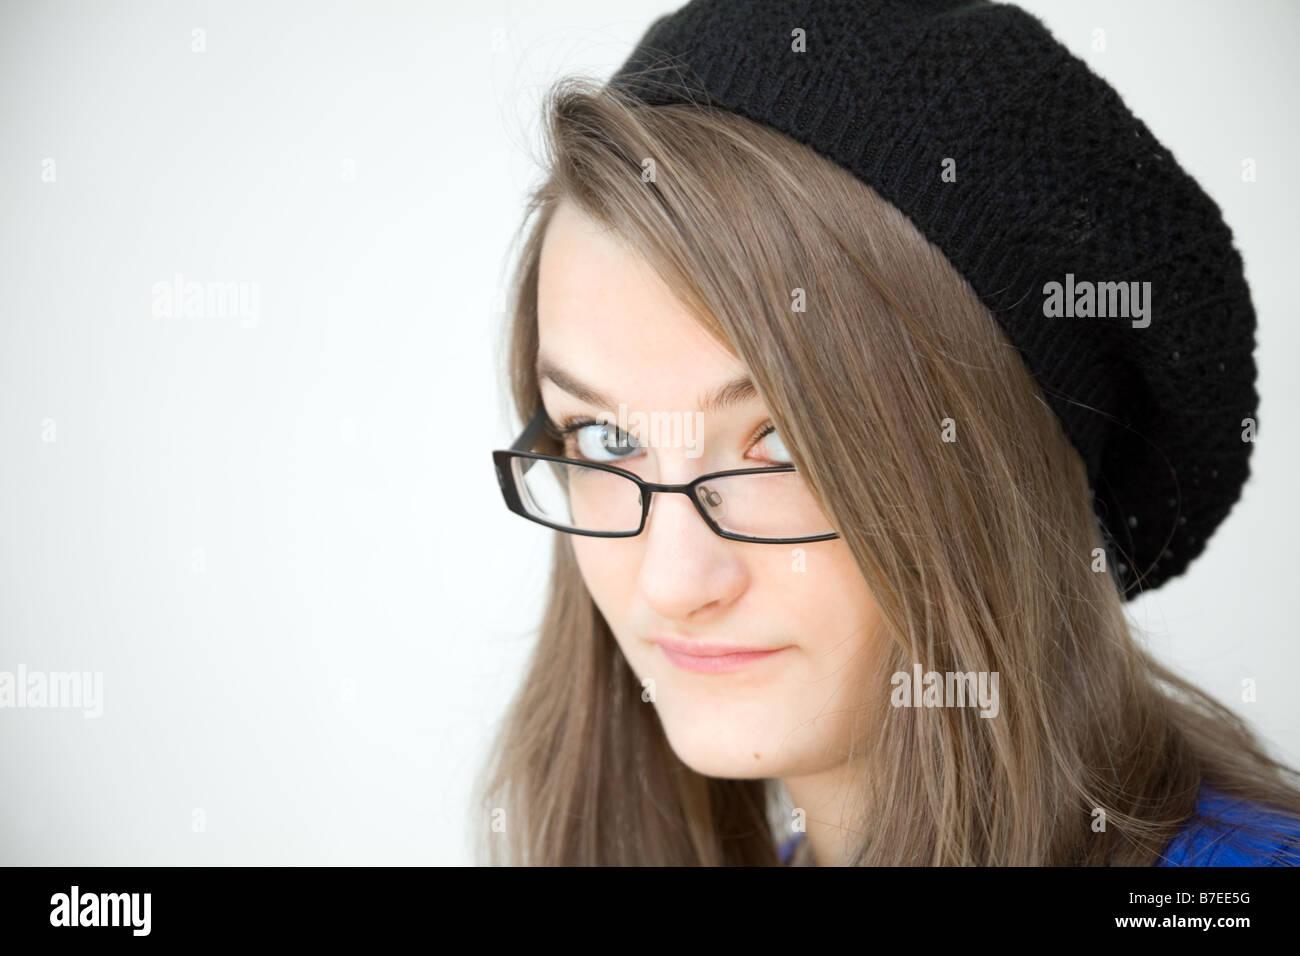 Clever teenage girl teen indossando un cappello e dare un occhiata di traverso sopra gli occhiali, REGNO UNITO Immagini Stock